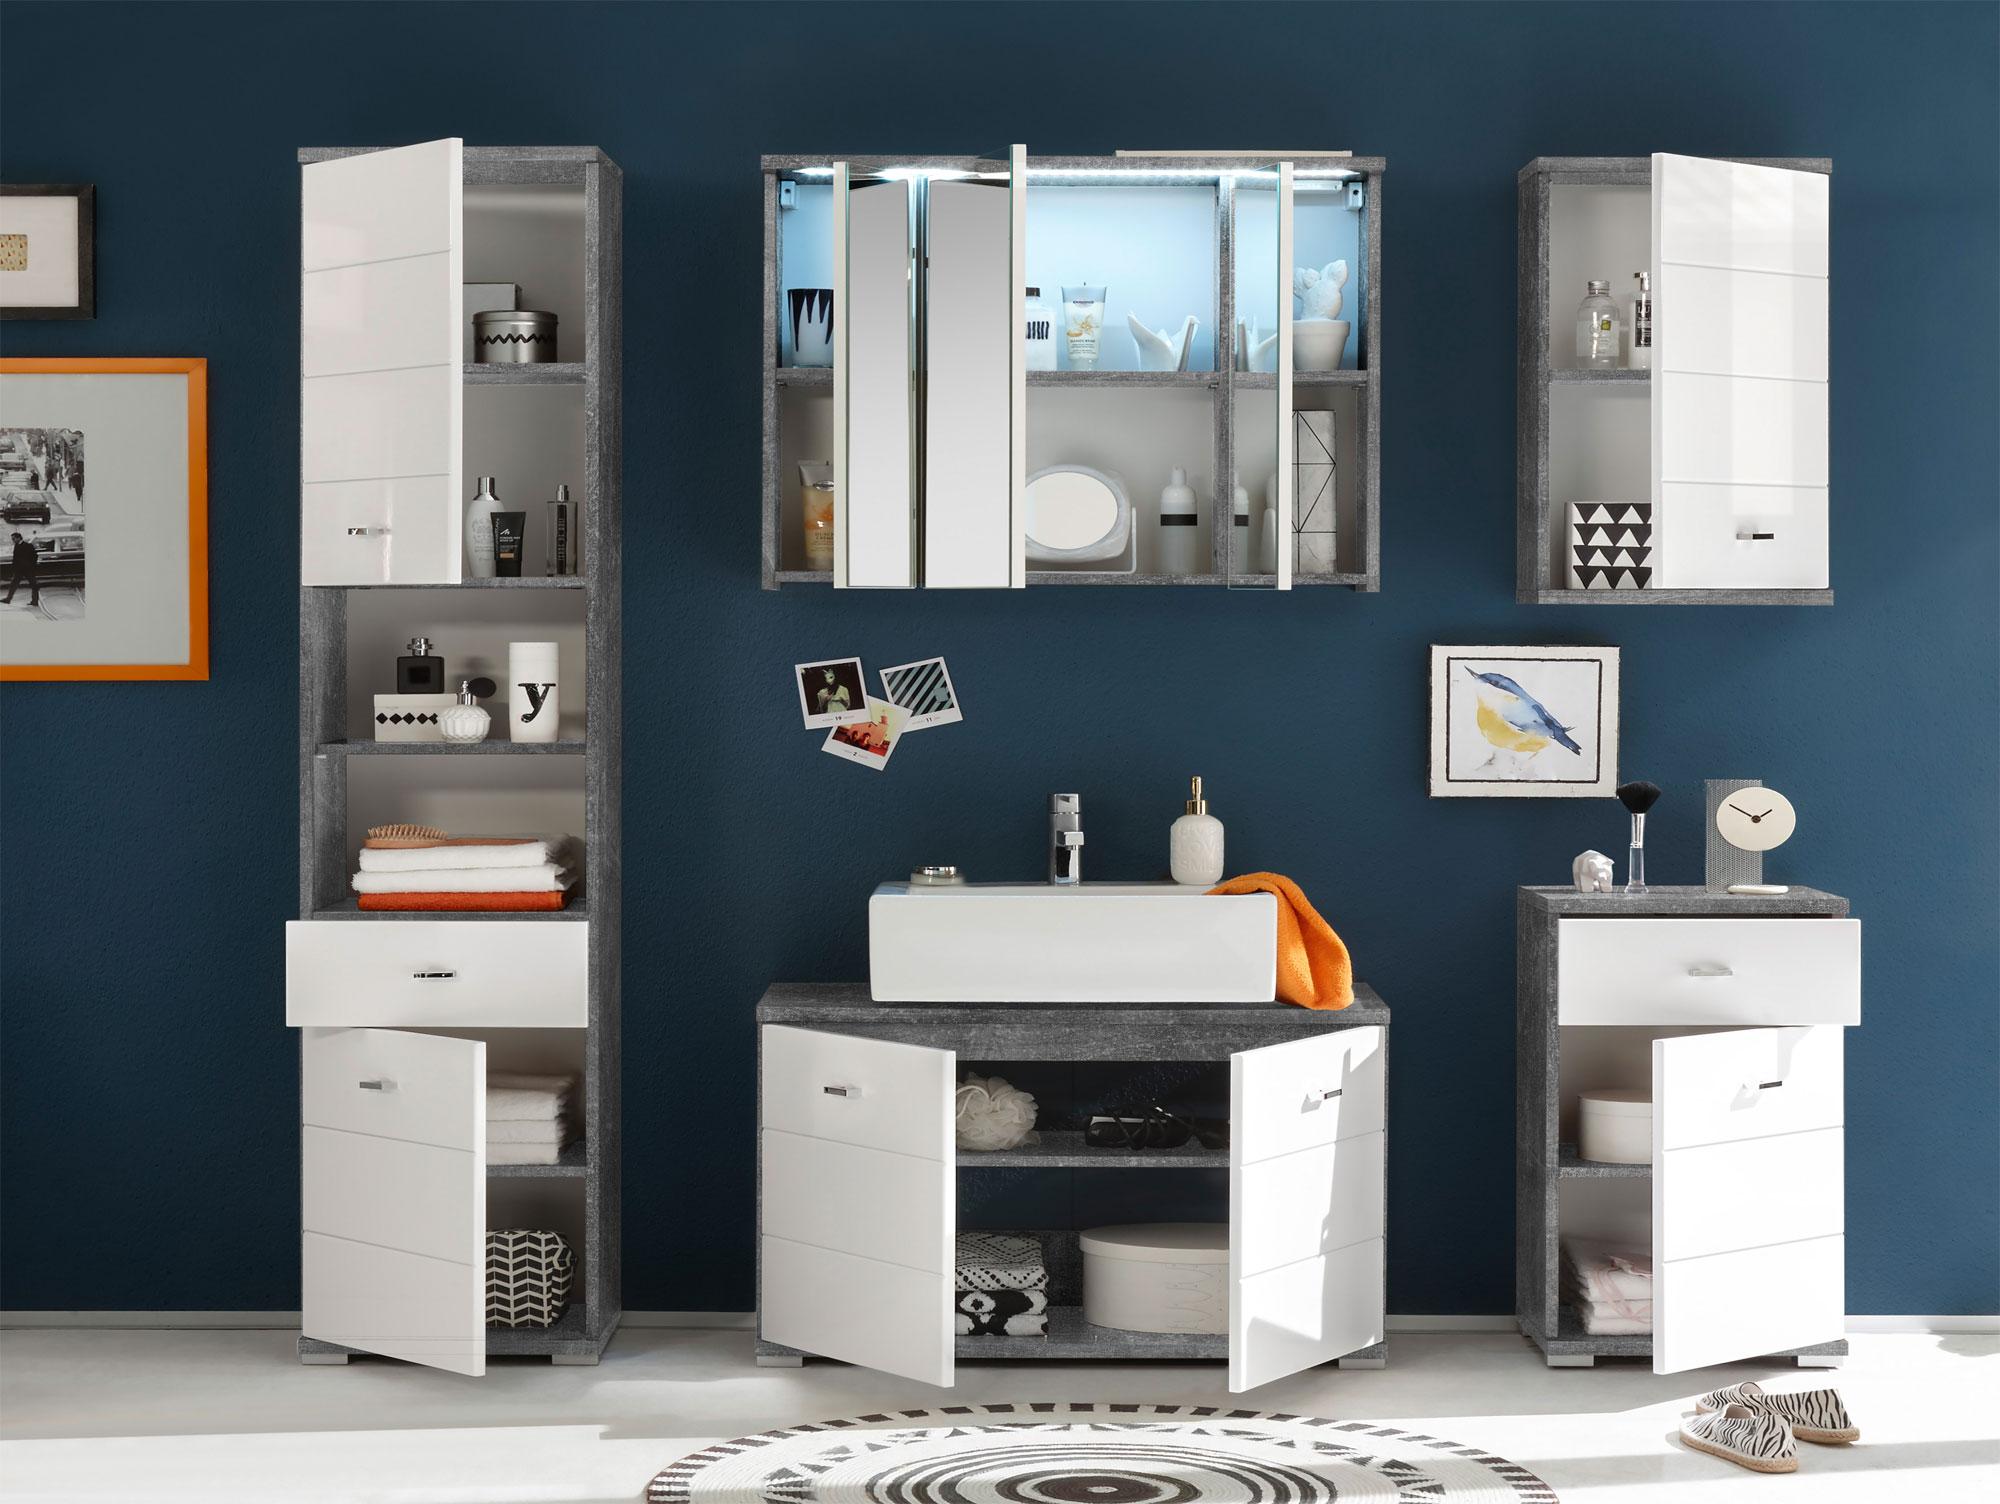 Ikea waschmaschinenschrank küche ikea küche griffe ostergeschenke